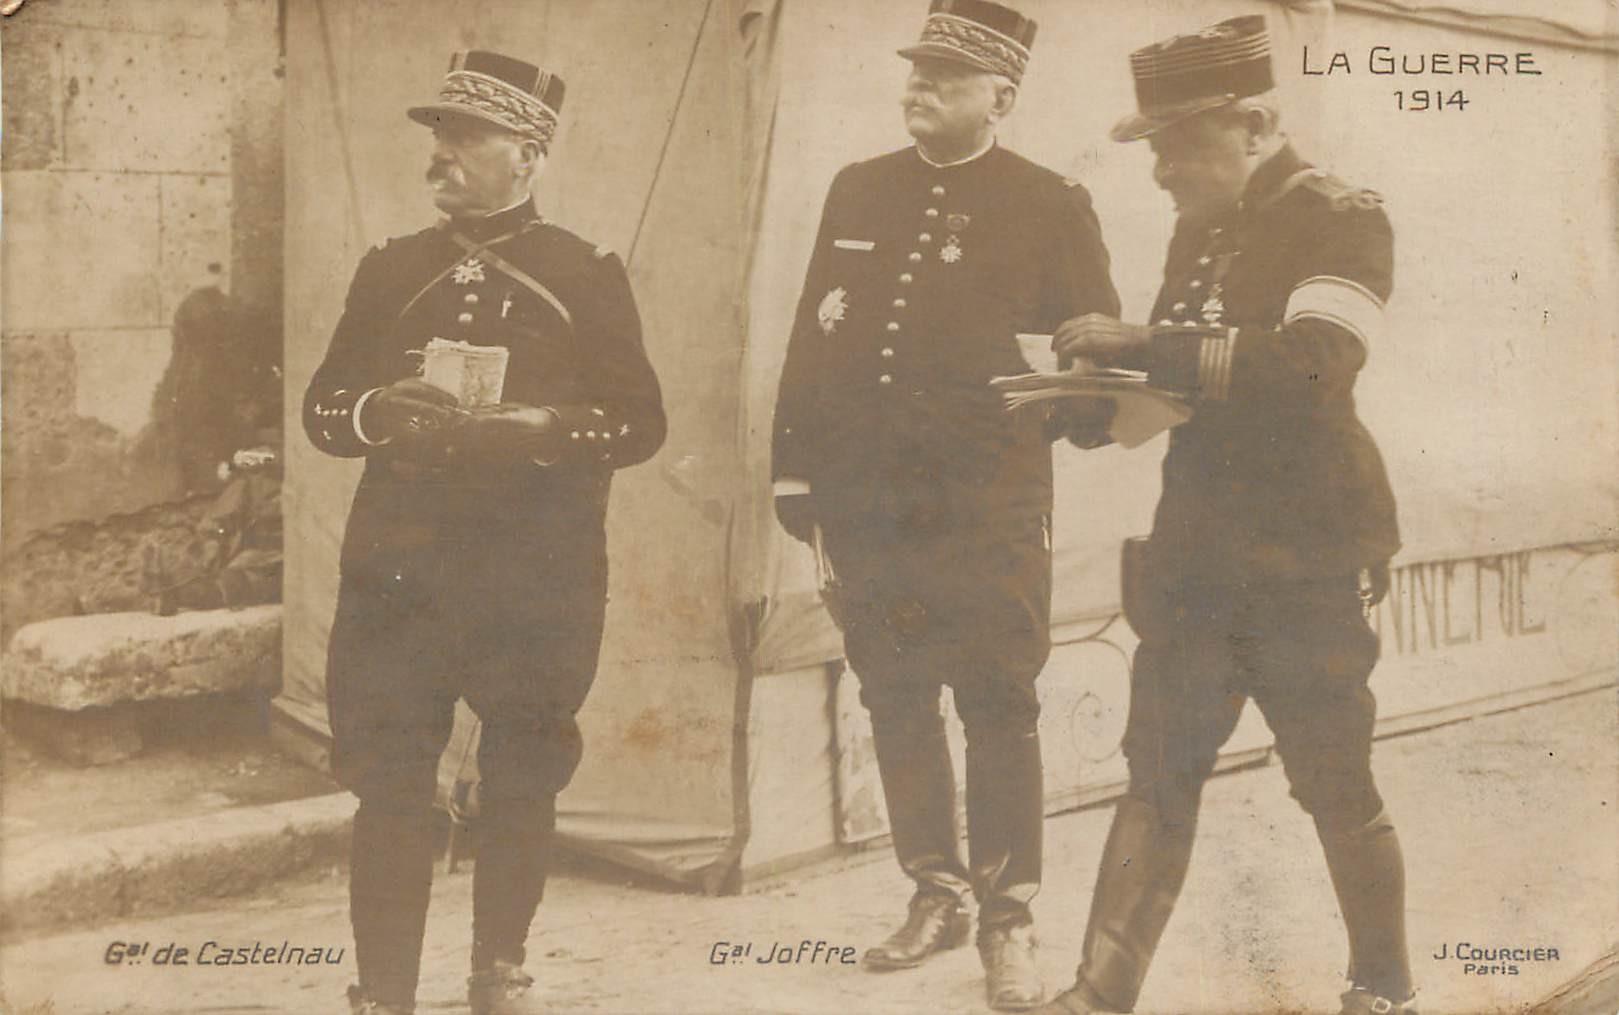 MILITAIRES GUERRE 1914. Généraux de Castelnau et Joffre par Courcier